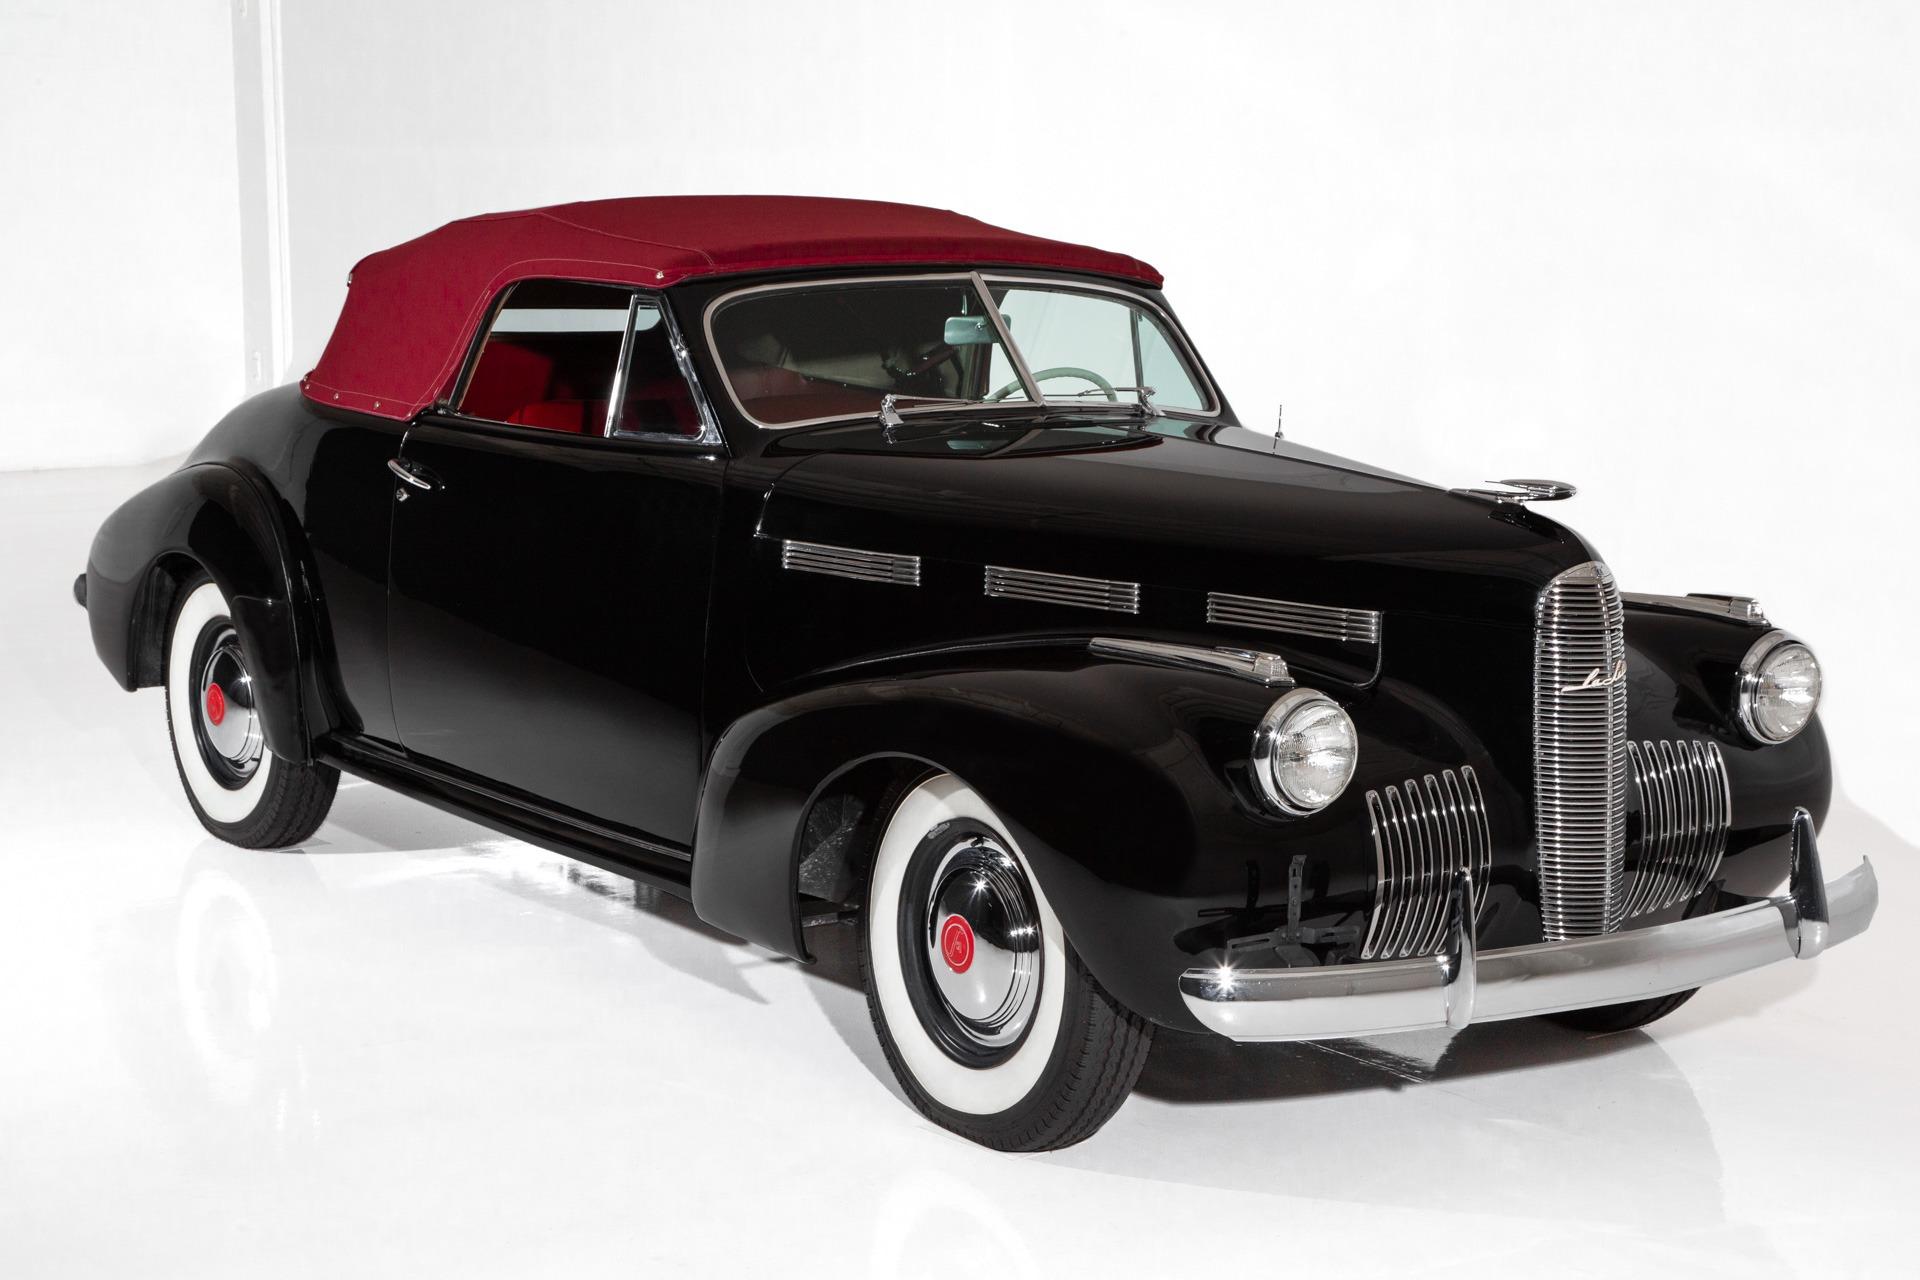 Cadillac Lasalle Very Rare Model American Dream